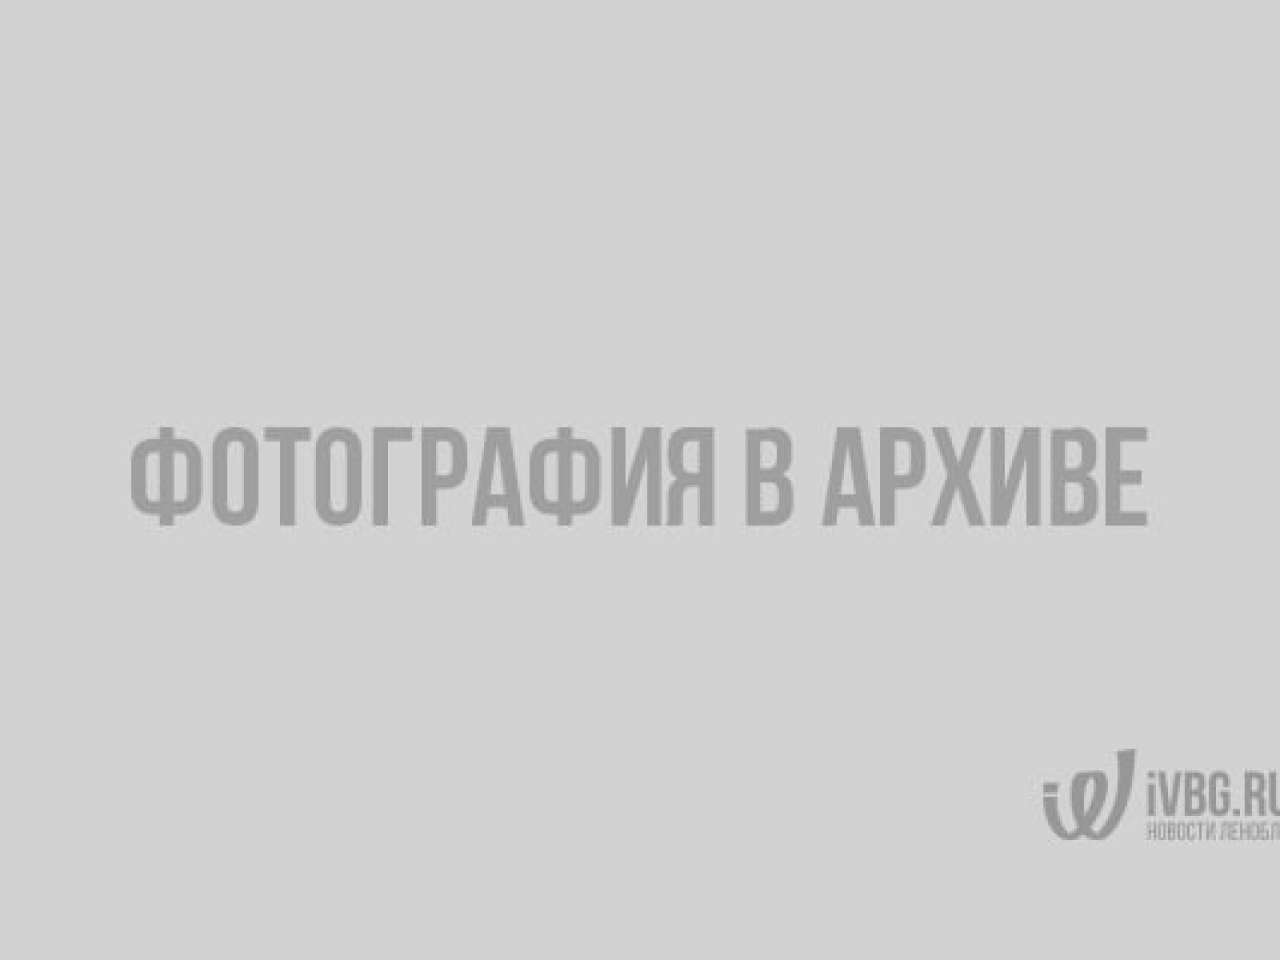 В Выборге полицейские-взяточники попали под следствие